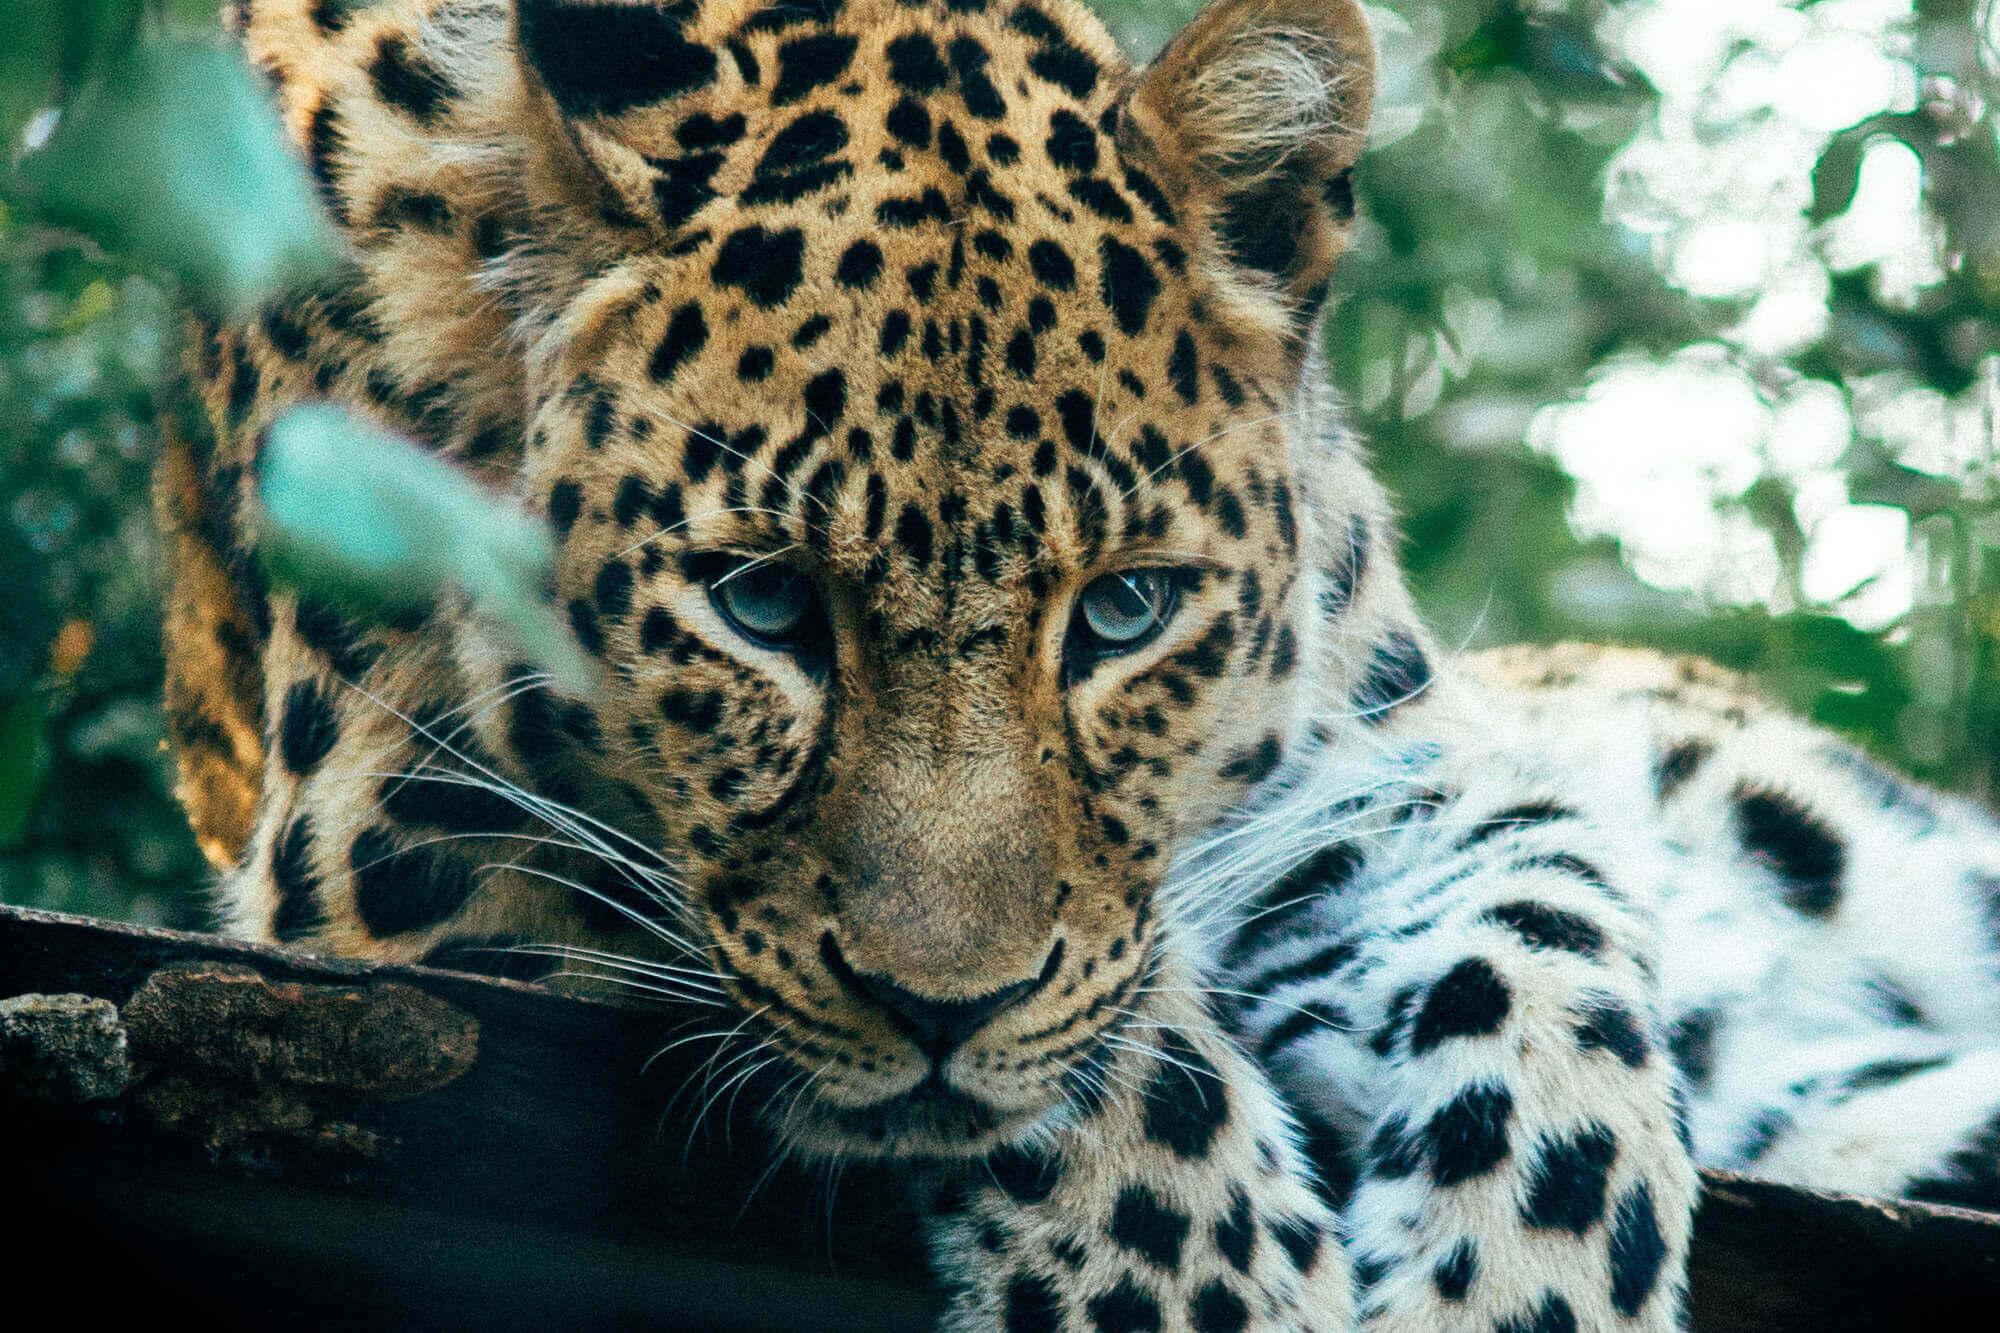 close up of a jaguar